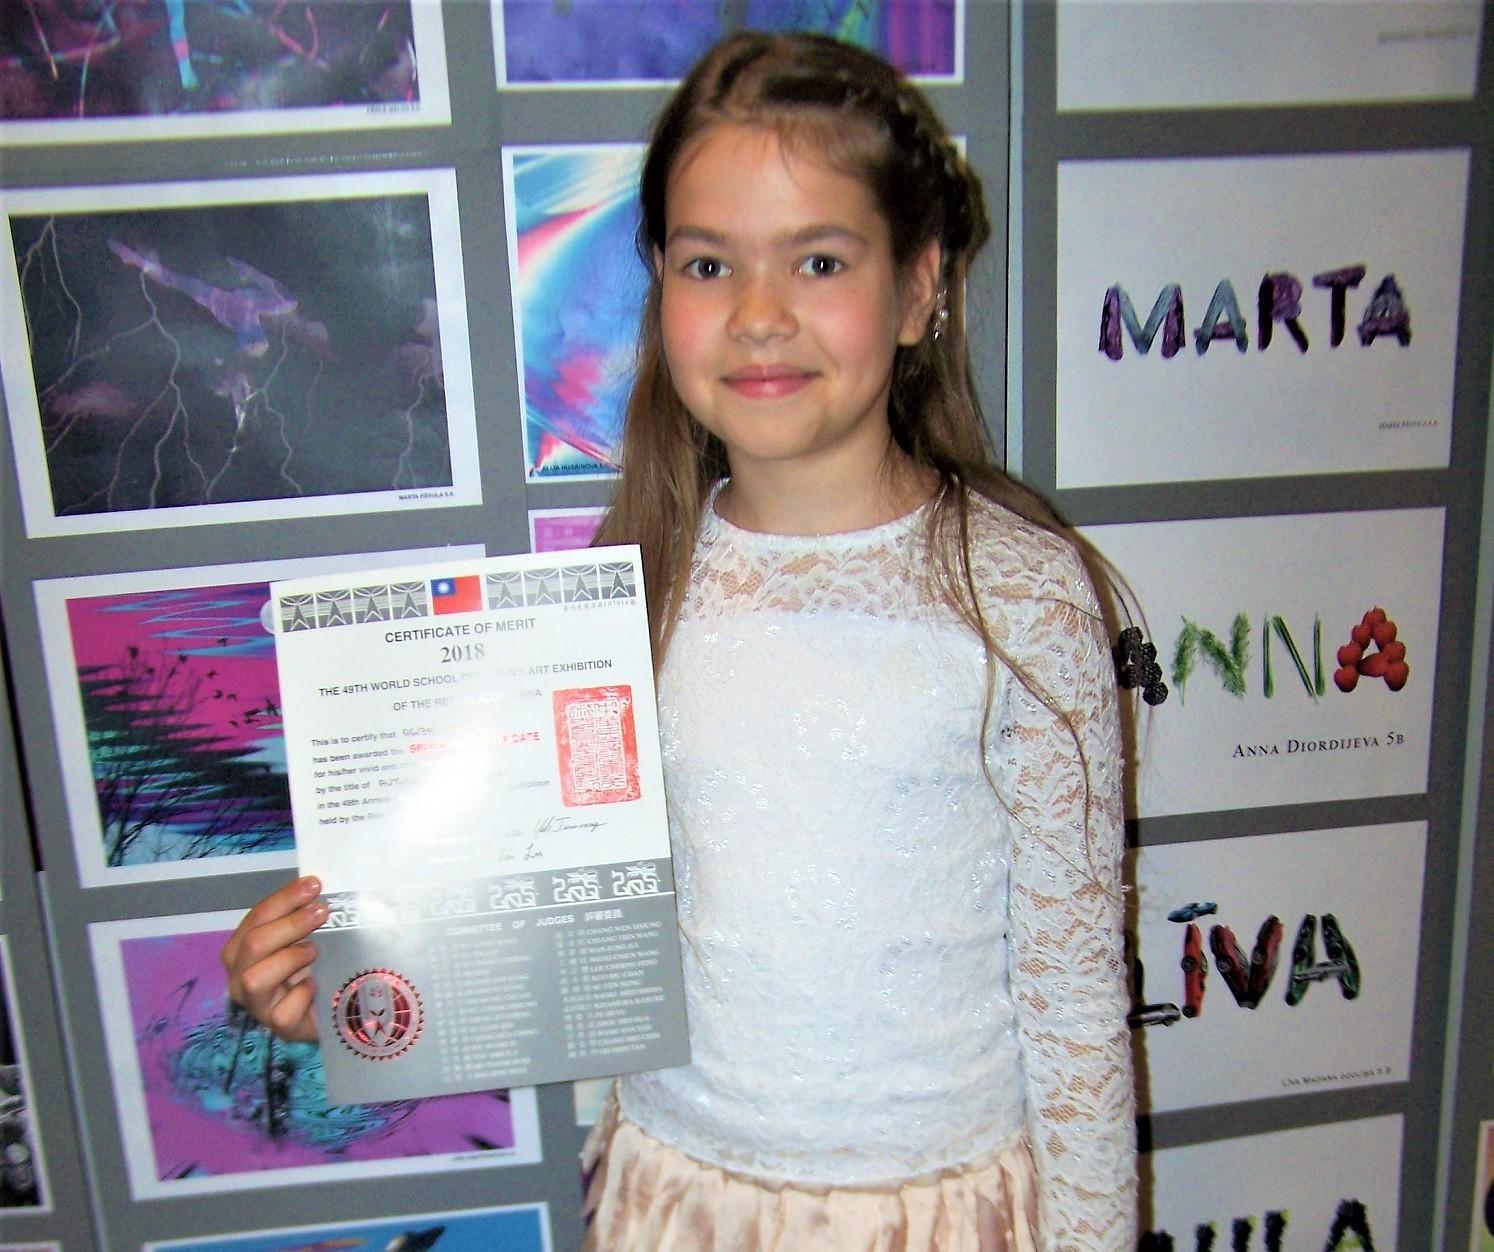 Liepājniecei diploms zīmējumu konkursā